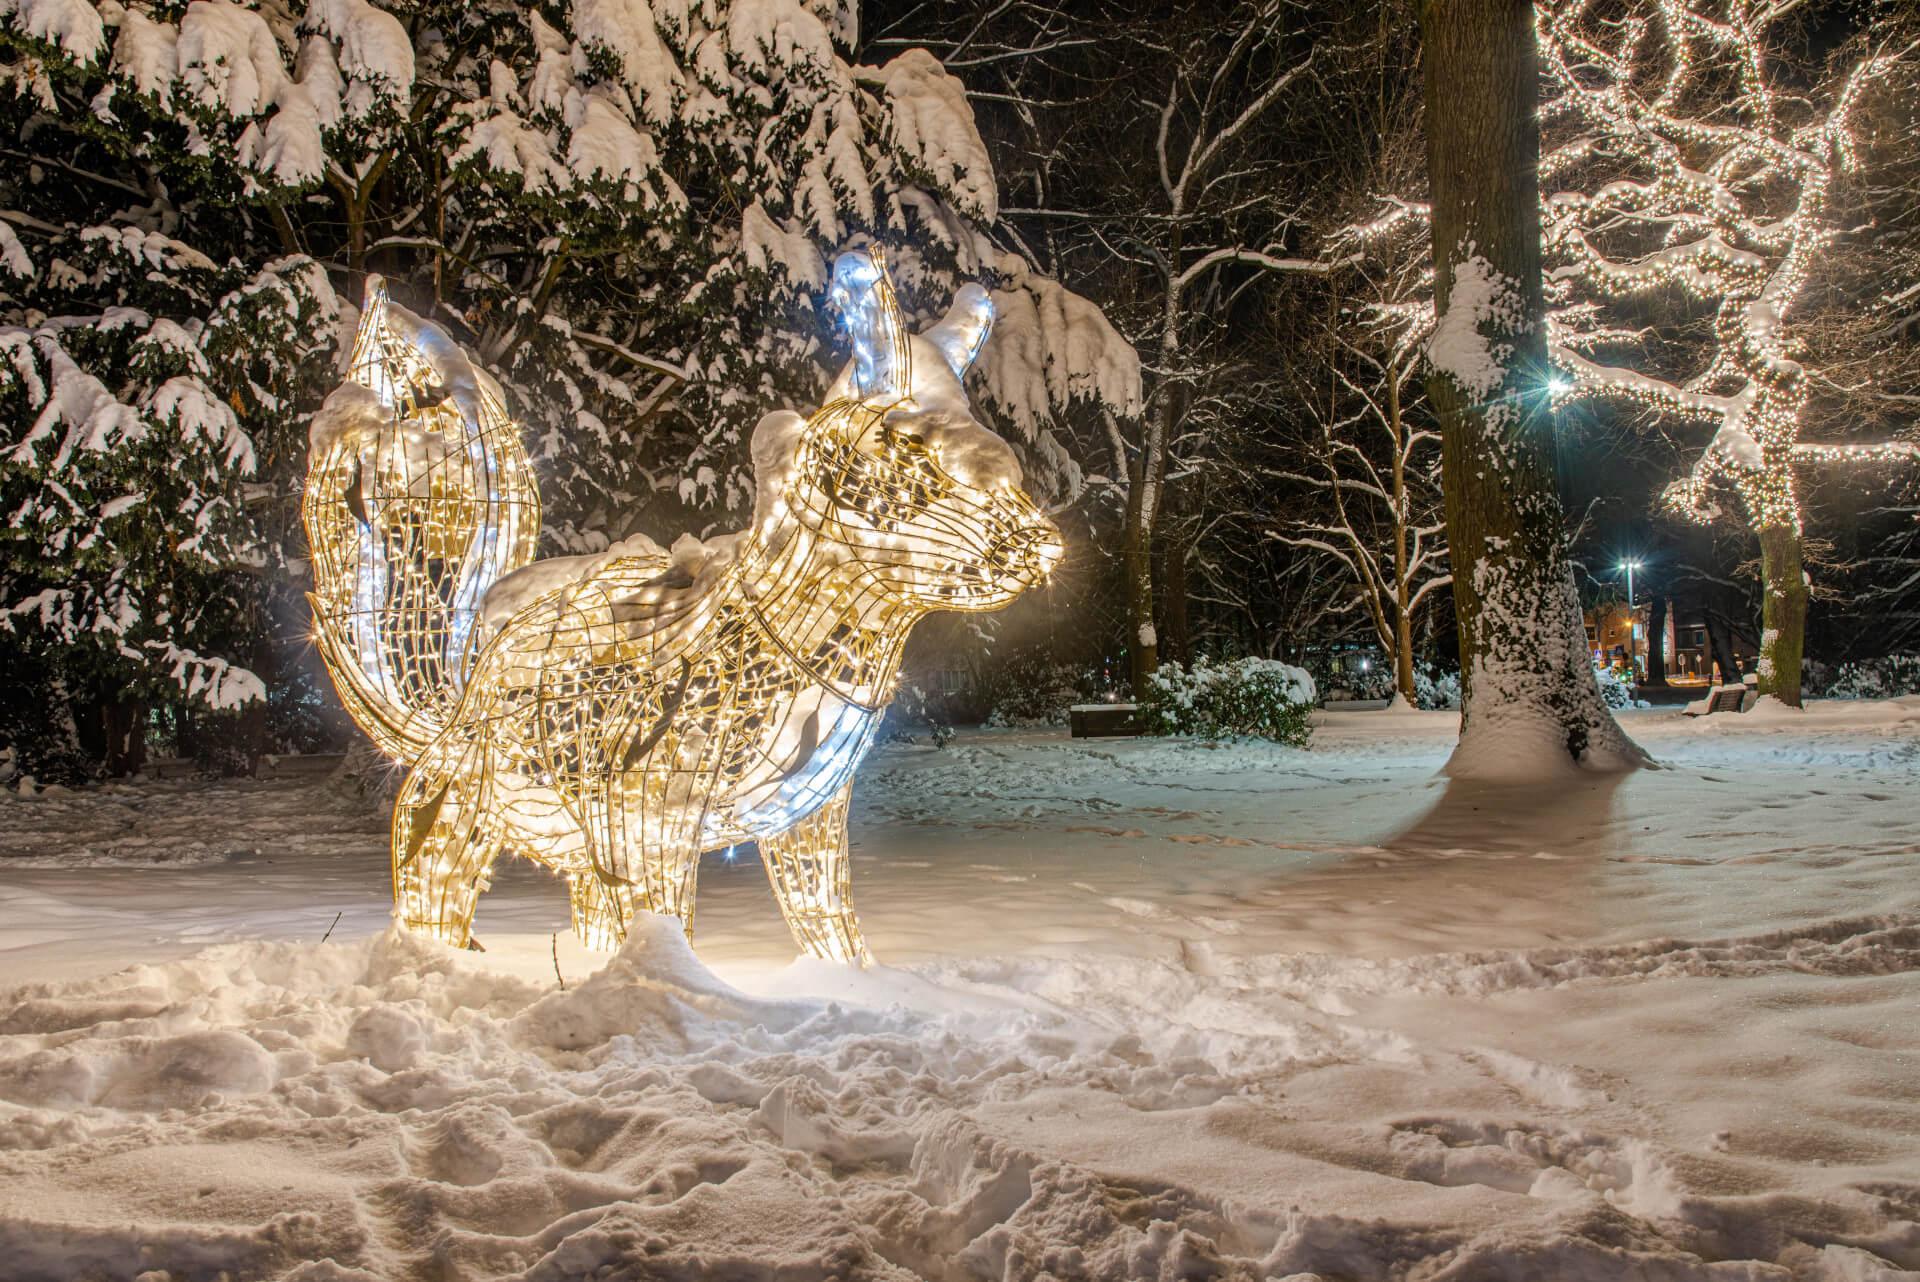 Lichterzauber im Schnee, Eichhörnchen